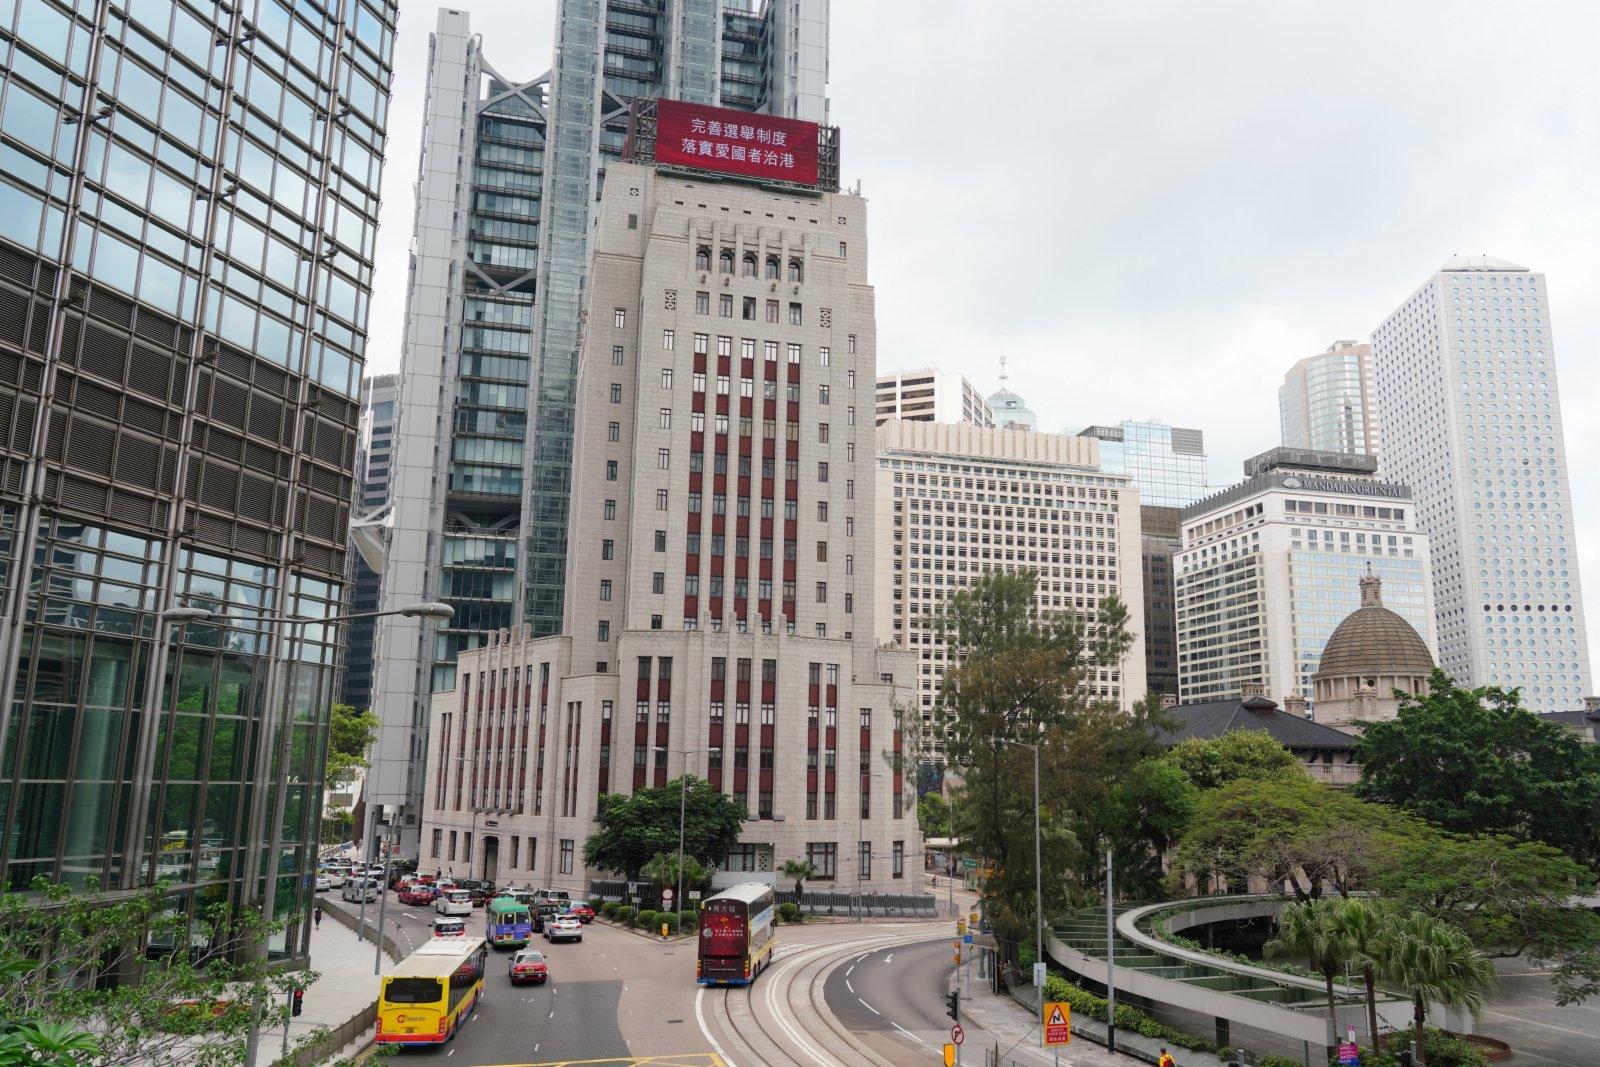 4月1日,香港中環中國銀行大廈樓頂大屏幕正在循環播放「完善選舉制度 落實愛國者治港」的標語。 中新社